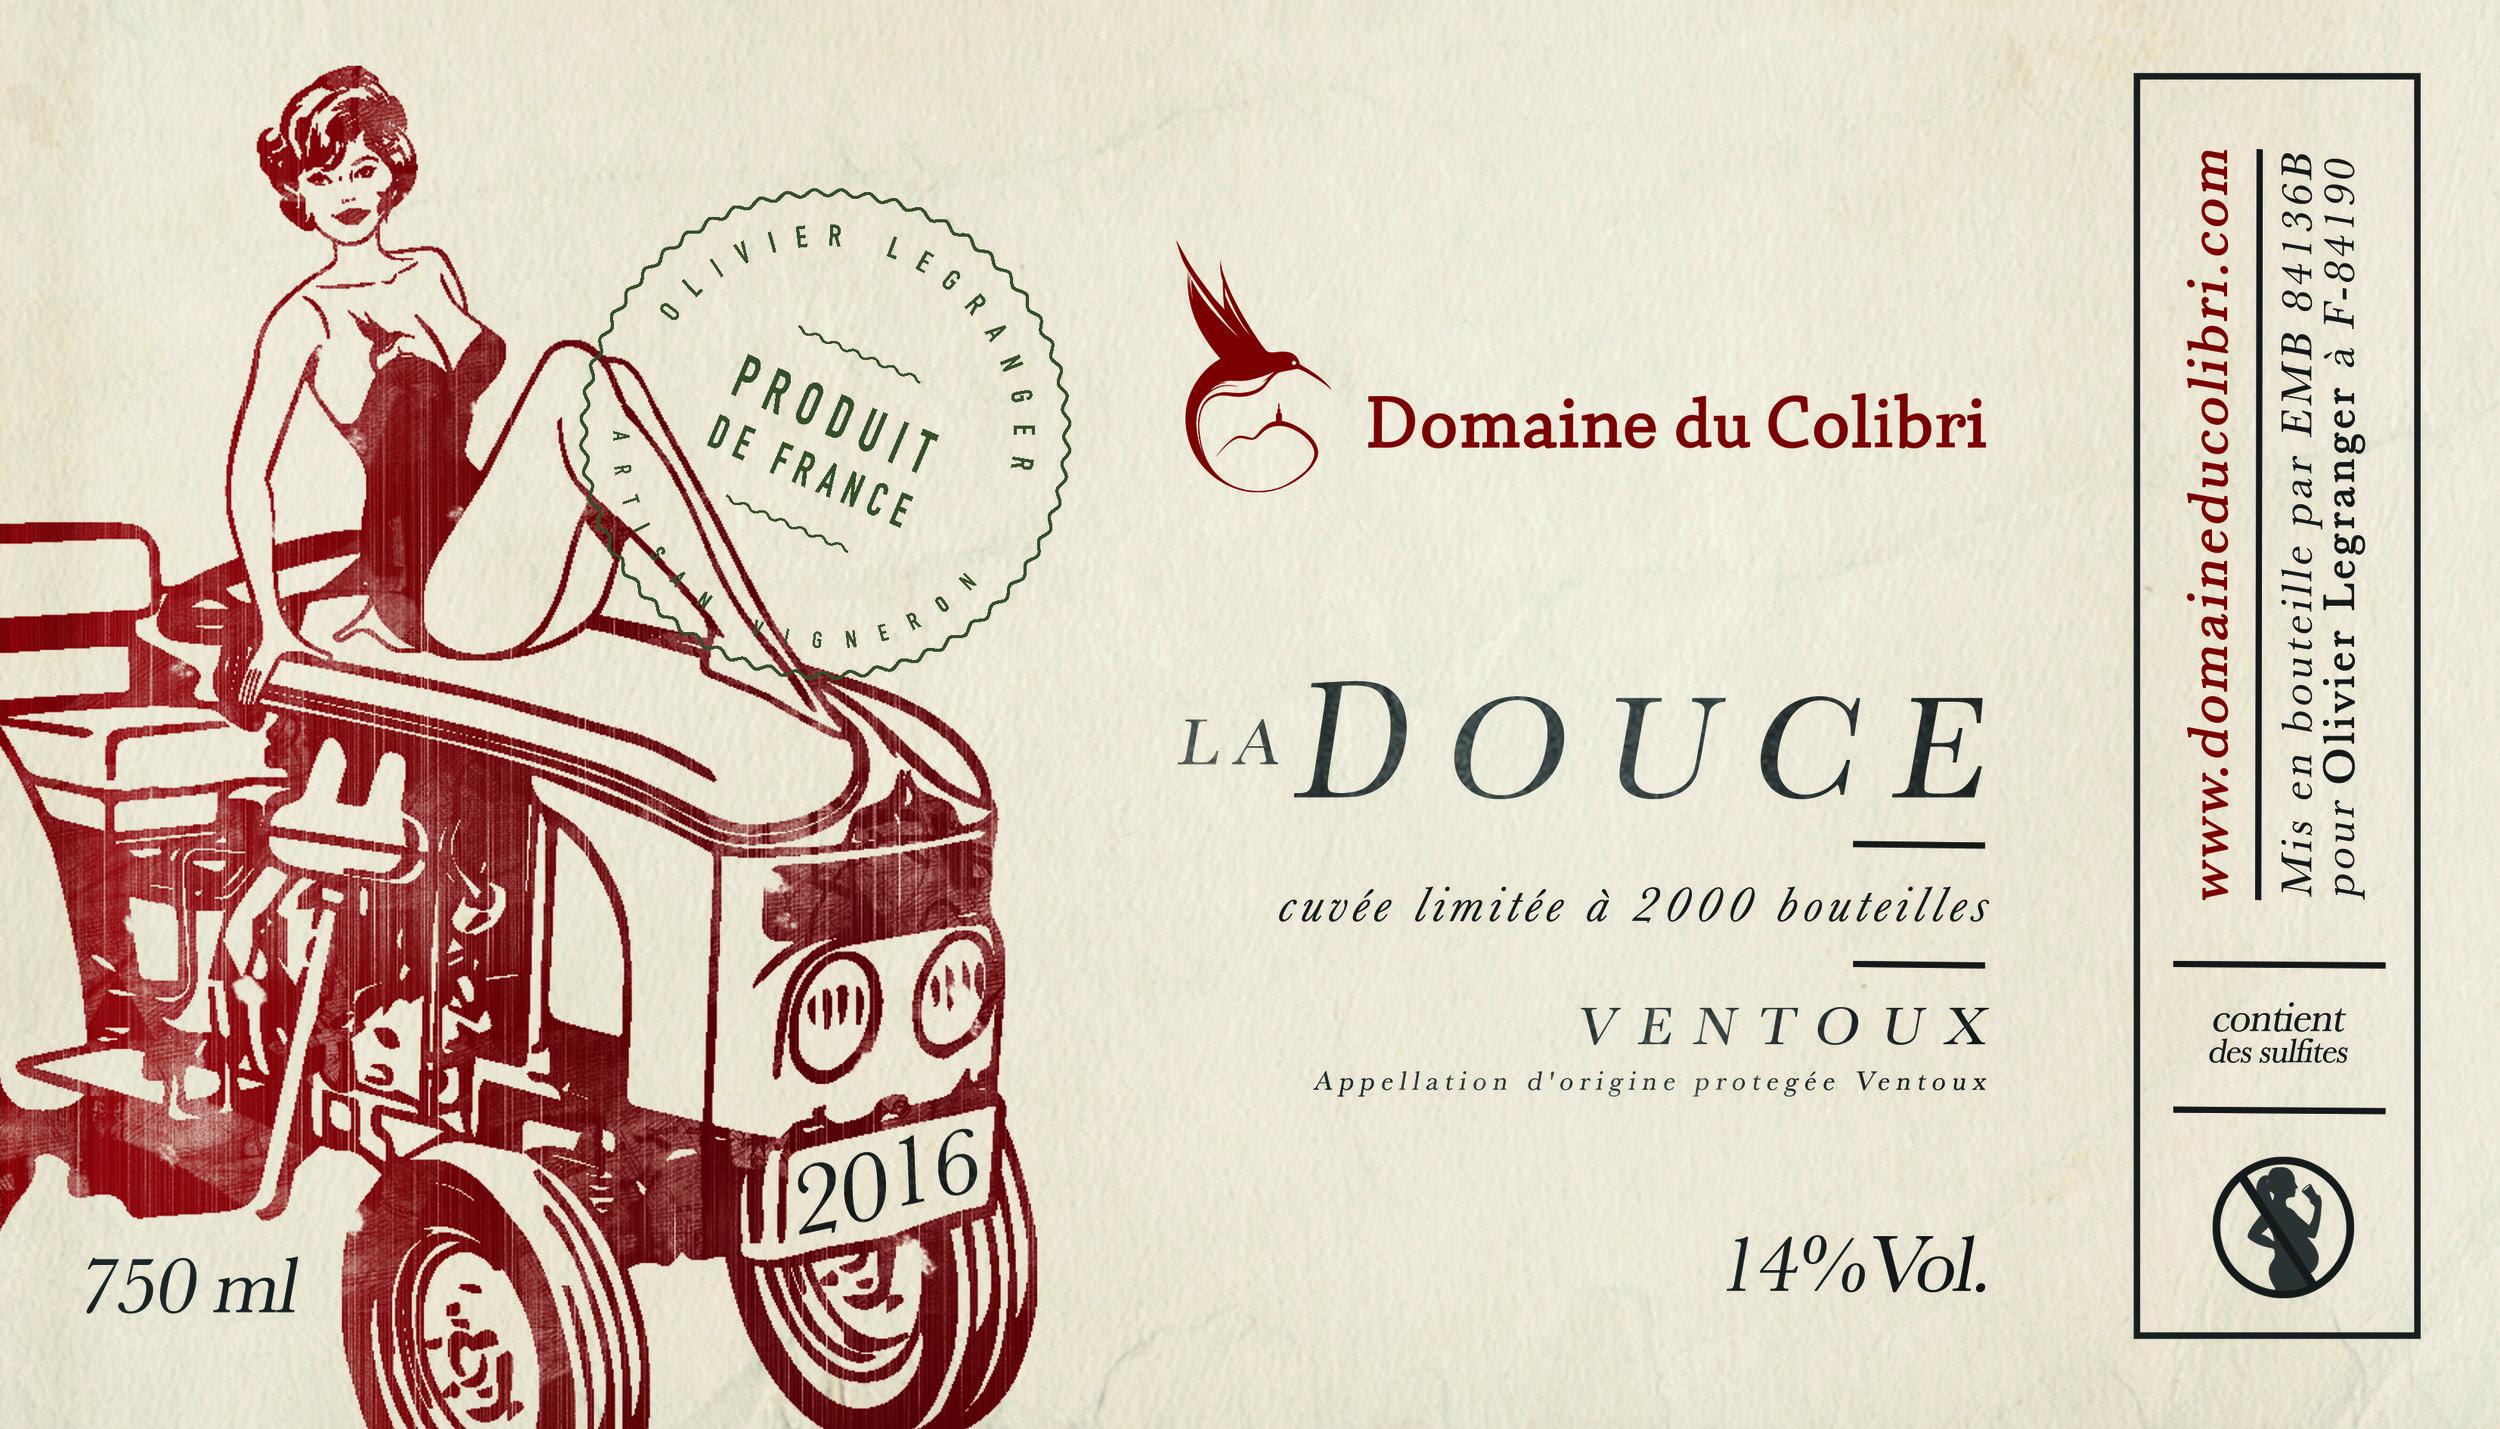 DOMAINE DU COLIBRI - ETIQUETTE  - la douce - Domaine du Colibri - rouge.jpg